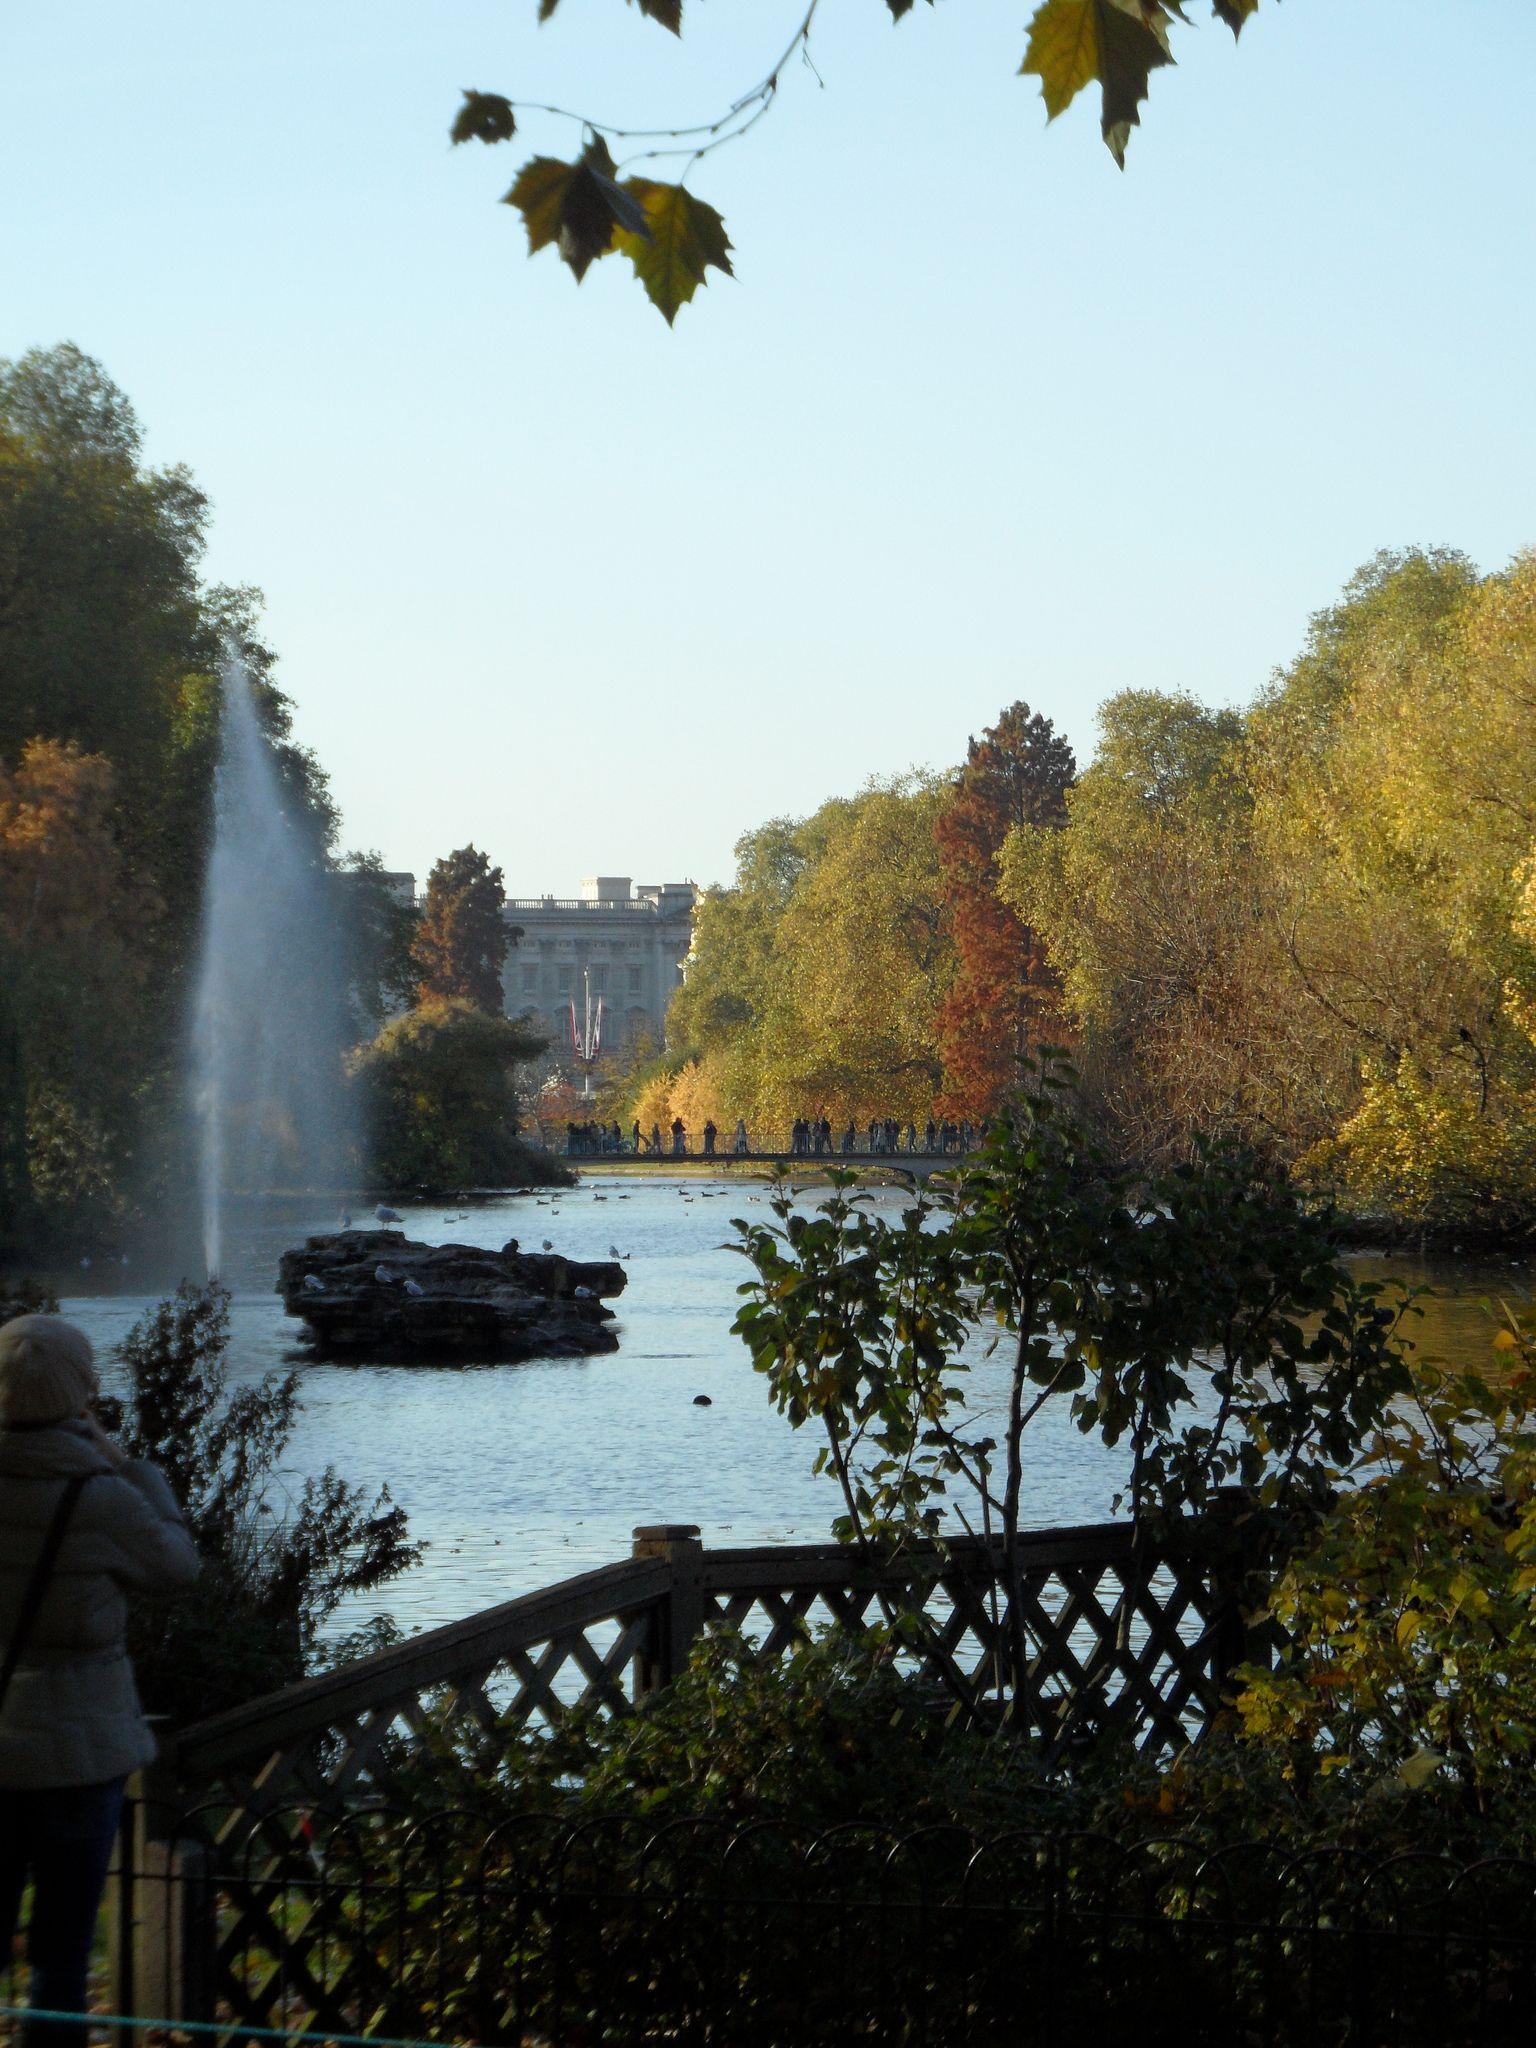 https://flic.kr/p/e2NxFm | London Parks | St James